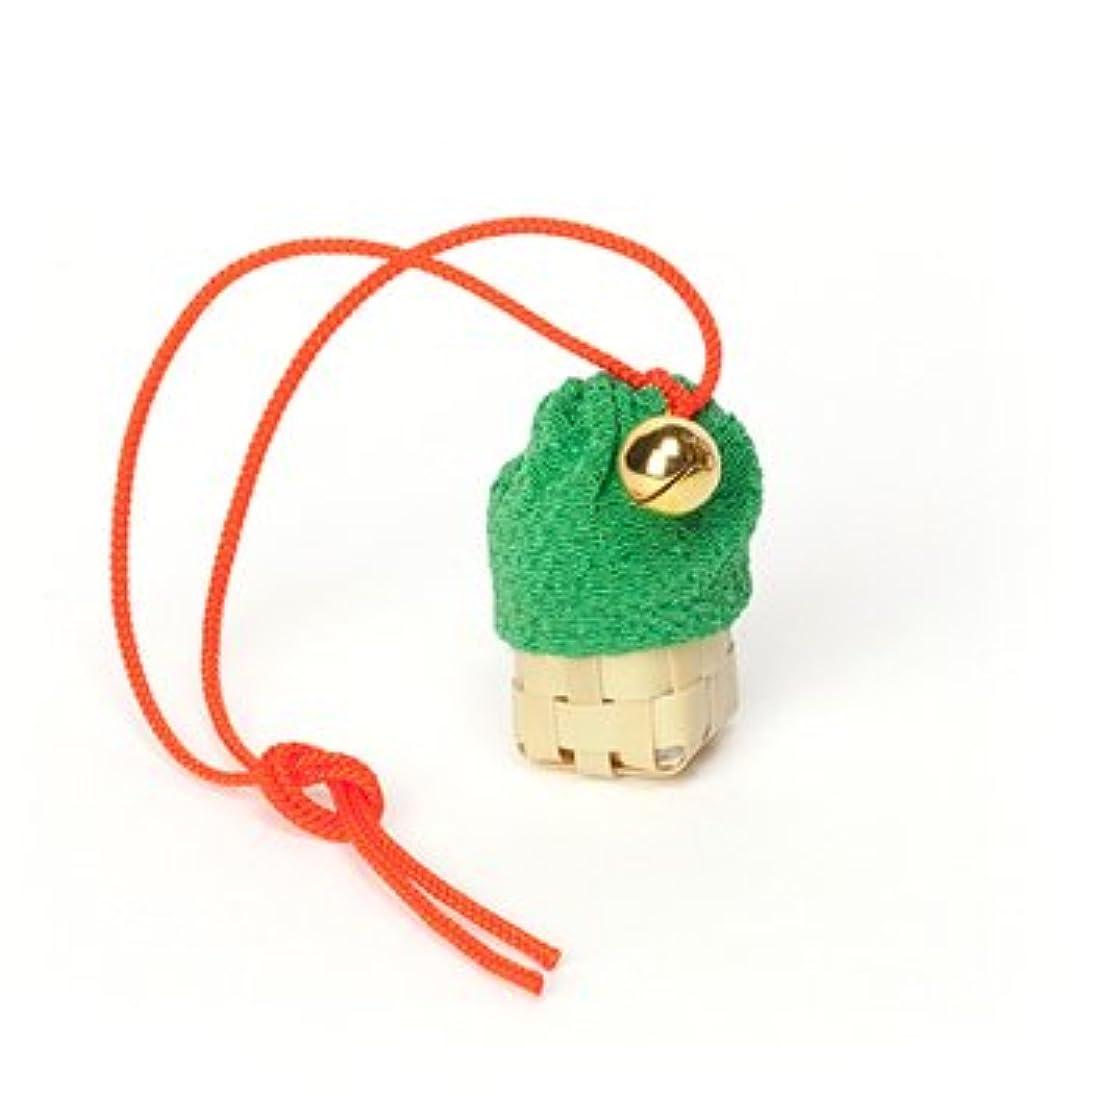 キッチン飾るコース松栄堂 匂い袋 携帯用 ミニ籠 1個入 ケースなし (色をお選びください) (緑)